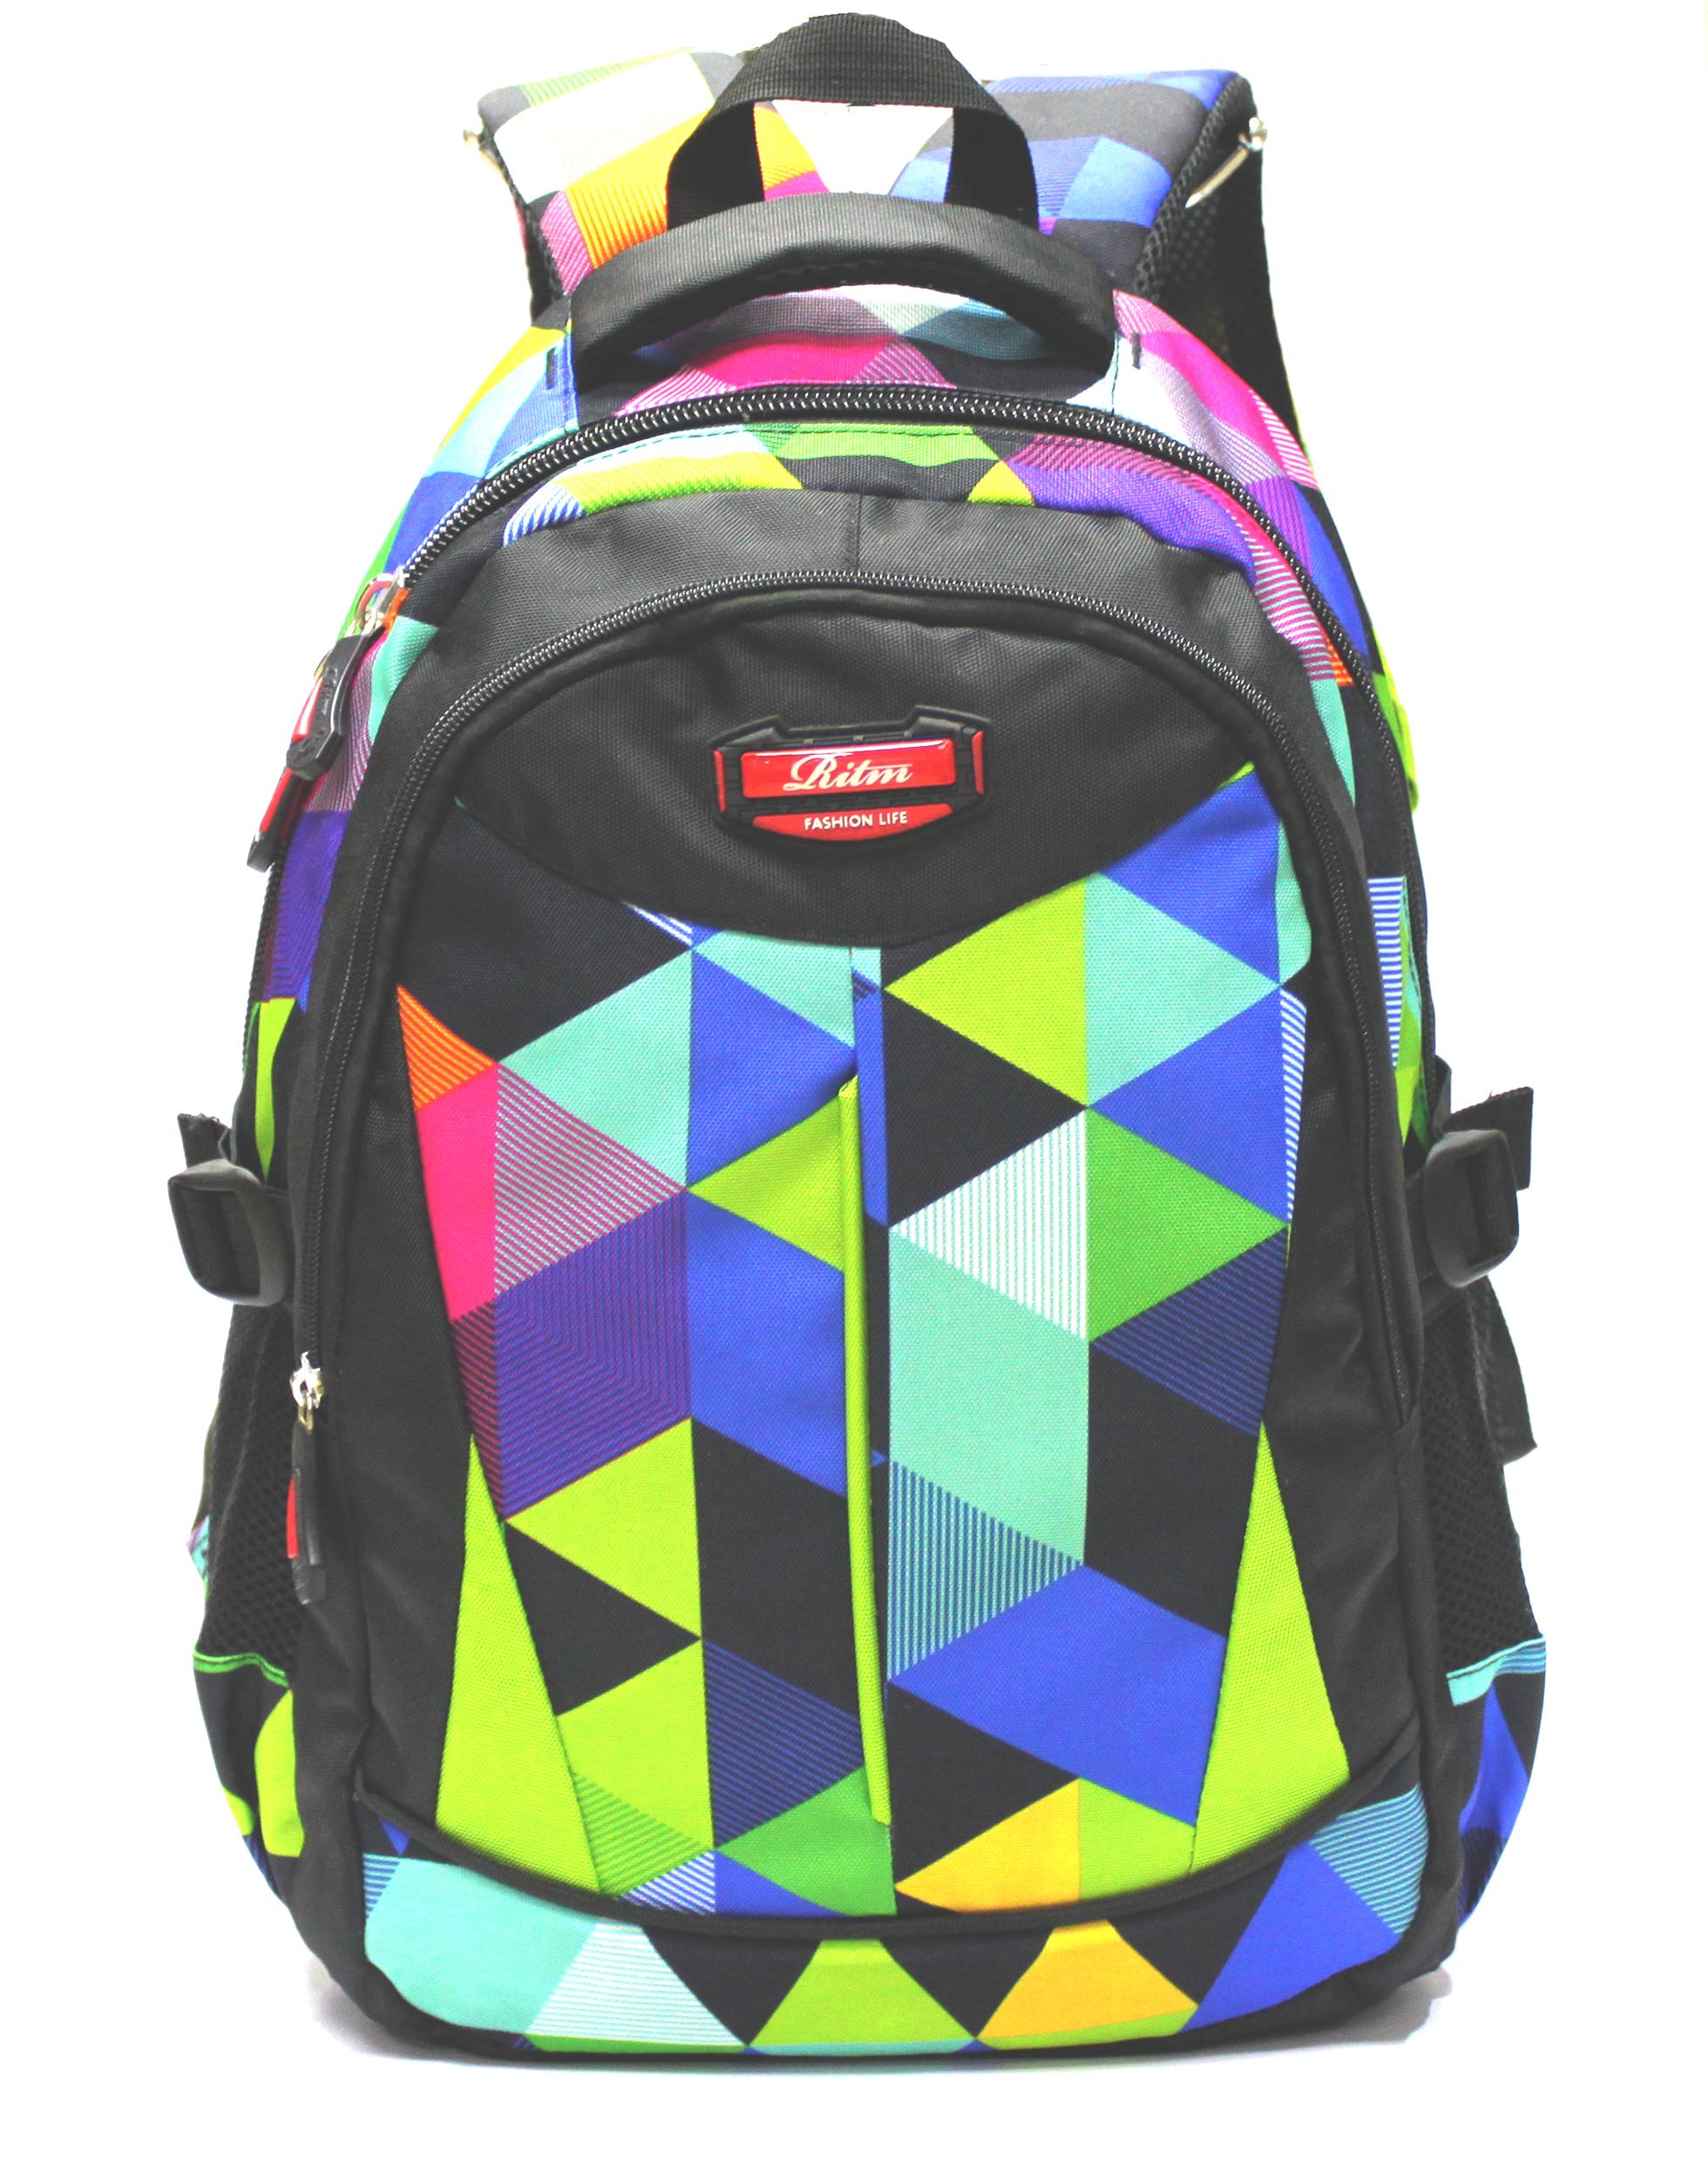 Сбор заказов. Мега распродажа!!! Подростковые рюкзаки и школьные рюкзаки для мальчиков и девочек. Цены от 400 руб. Много новинок! - 7